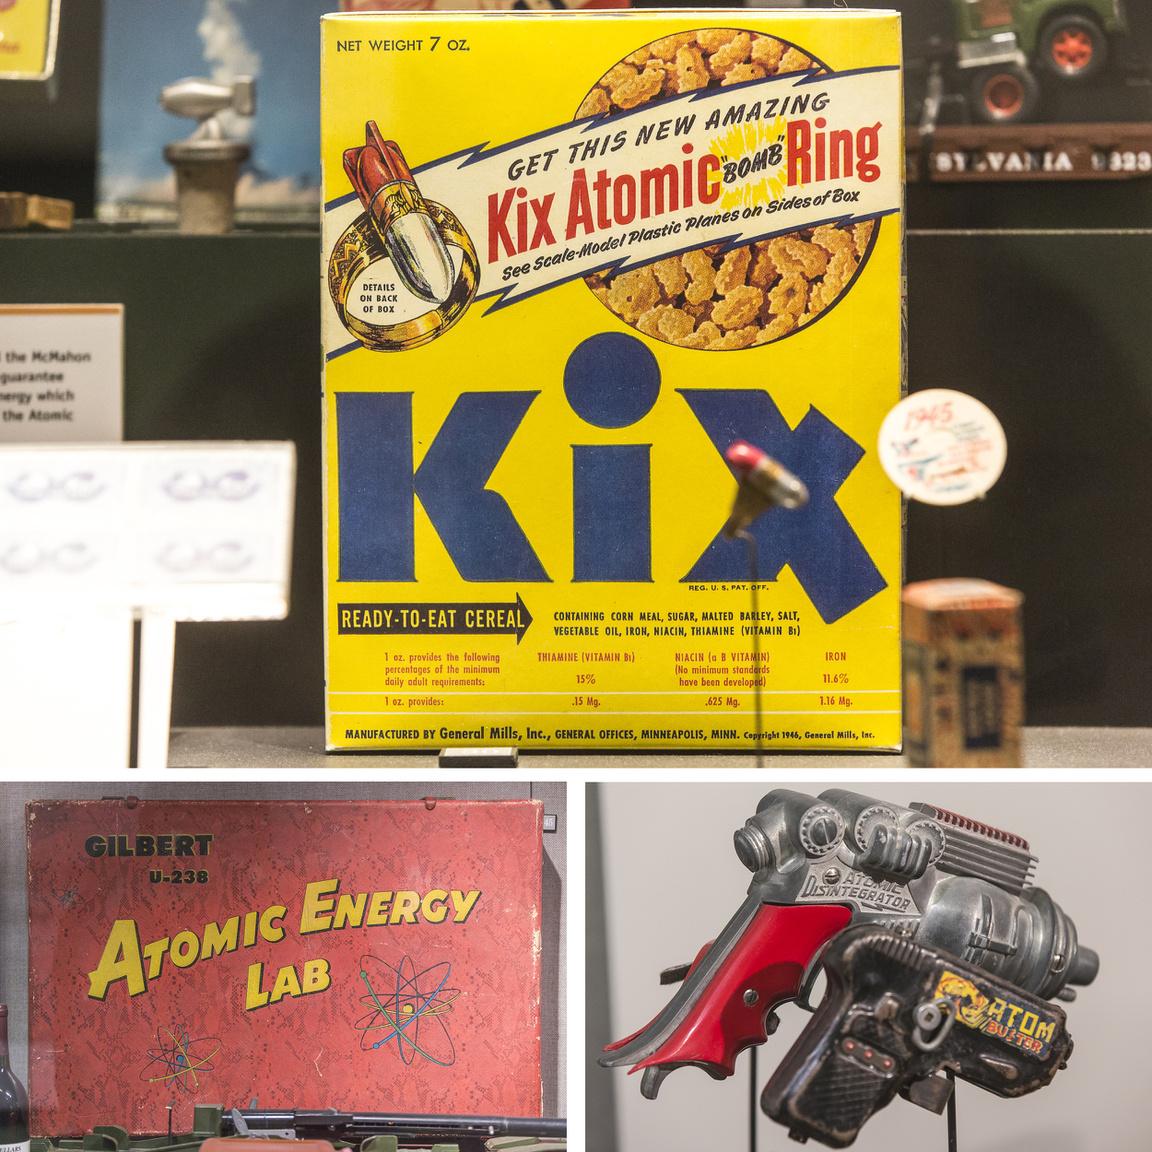 Az atomkor mindennapi tárgyai. A gabonapelyhes dobozzal atombombás gyűrűt lehetett nyerni, a srácok hatlövetű coltok helyett már atompisztolyokkal puffantották le egymást, és a kis okostojások igazi uránércet tartalmazó Gilbert U-238 Atomic Energy Lab játéklaborral játszhattak otthon.